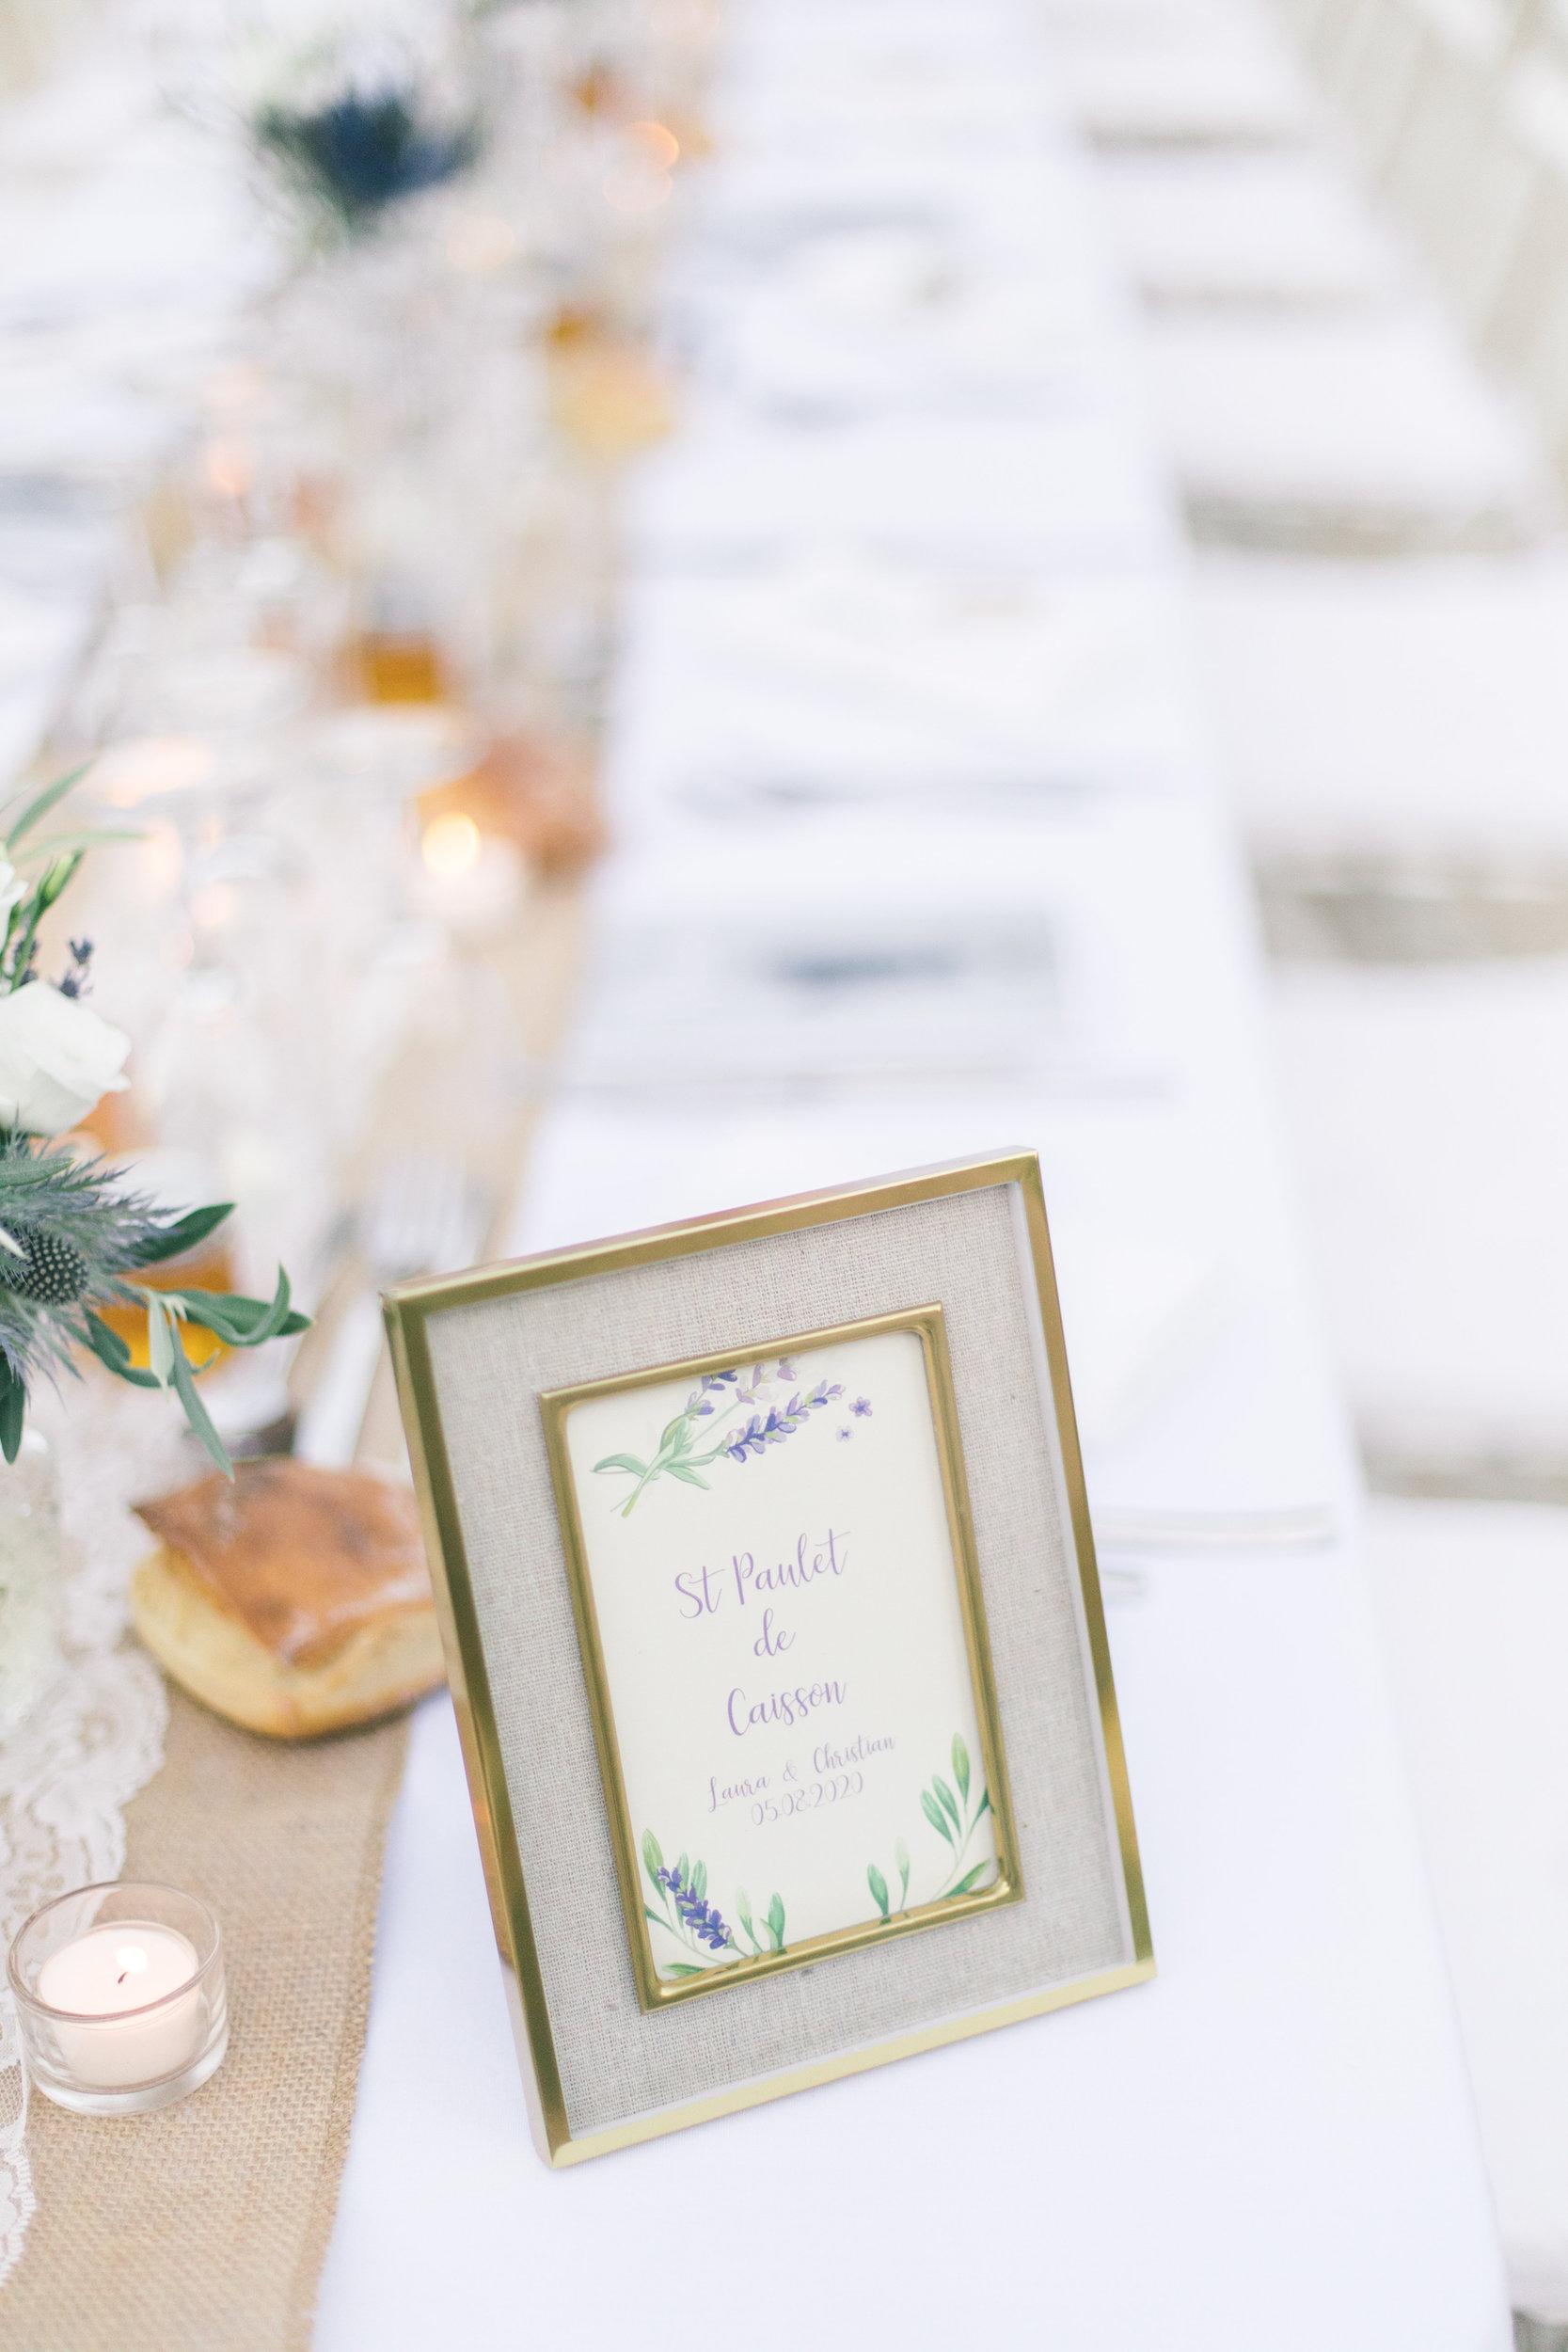 le coeur dans les etoiles - wedding planner - gard - provence - mariage provence - L&C - sebastien cabanes - nom de table